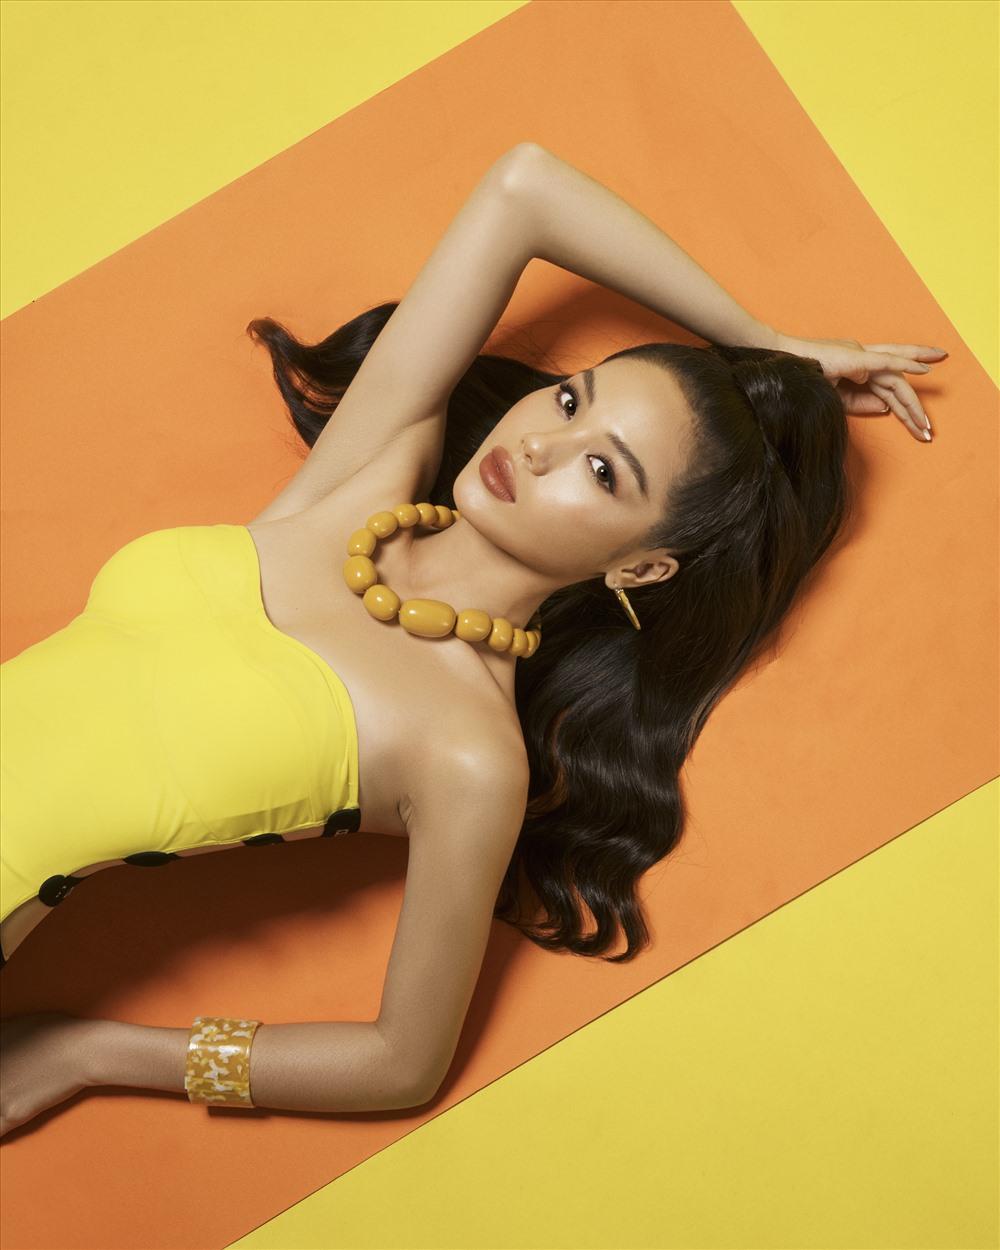 Trâm Anh là thí sinh nữ được chú ý nhất nhờ gương mặt khả ái, có nét đẹp ngọt ngào trong The Face Vietnam 2018 nên cô nhận được sự ưu ái lớn của người hâm mộ. Ảnh: Rin Trần.